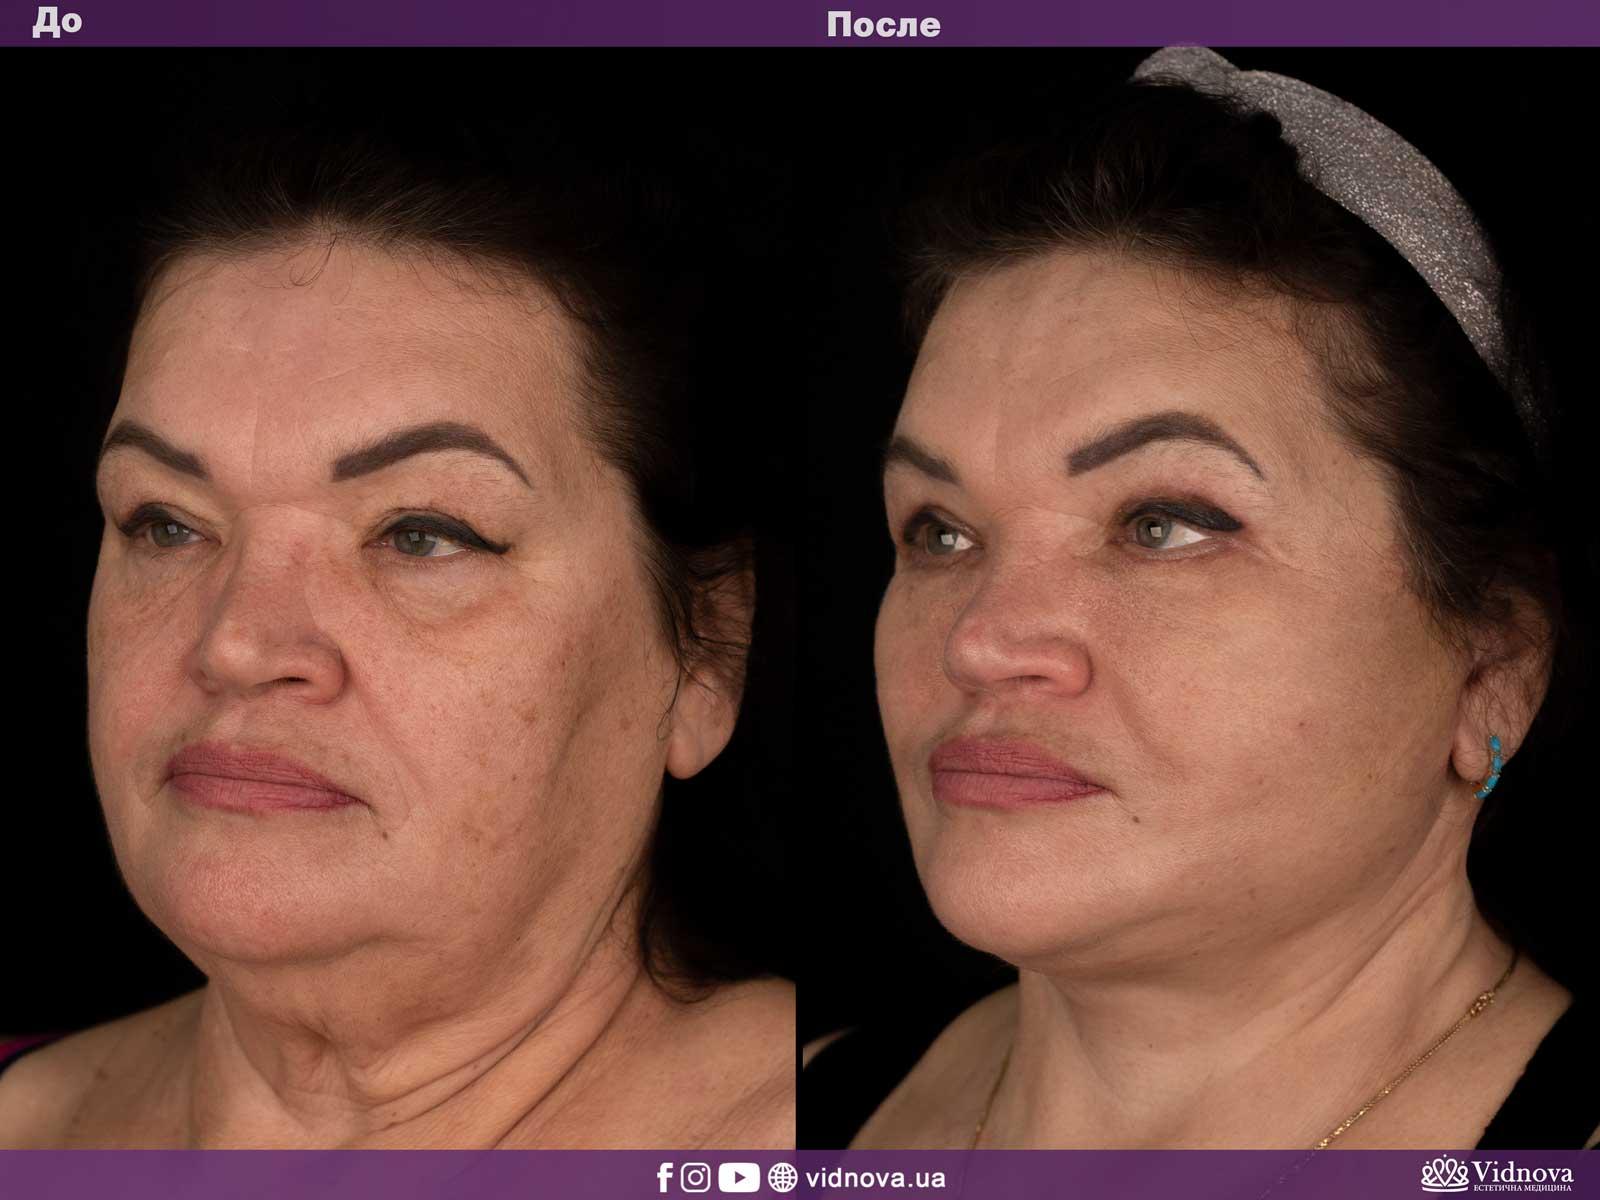 Подтяжка лица и шеи: Фото ДО и ПОСЛЕ - Пример №1-2 - Клиника Vidnova